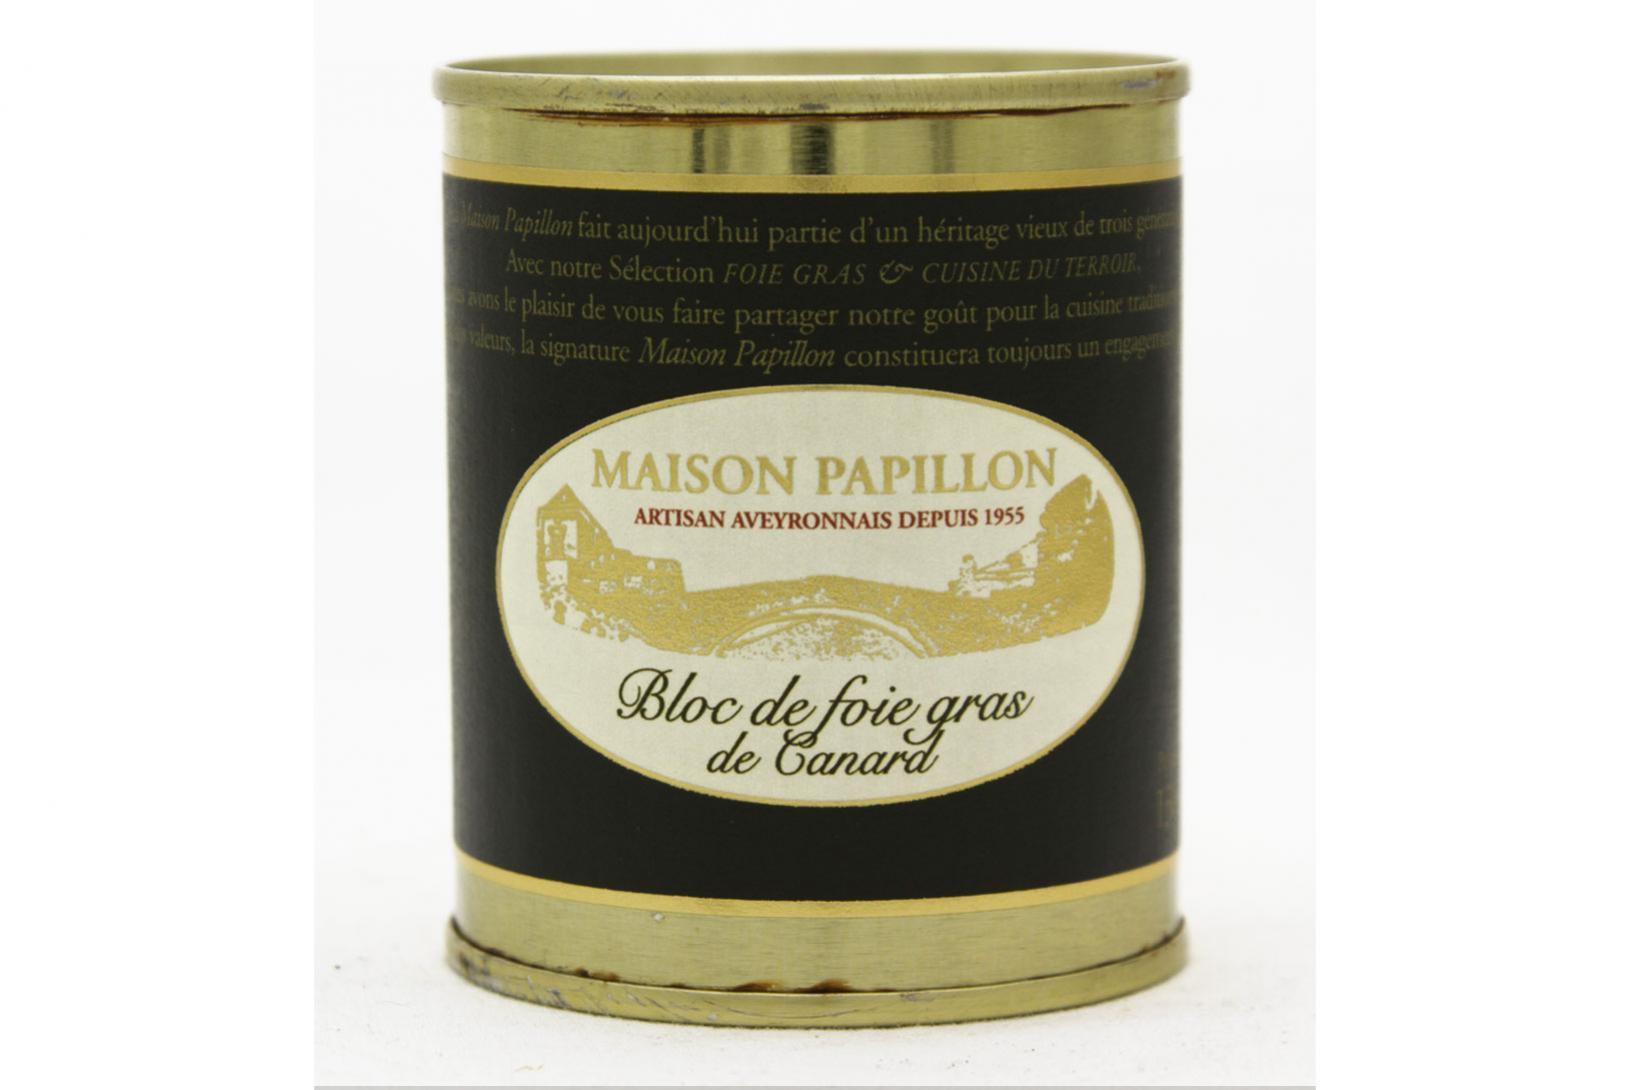 Bloc de foie gras 125g